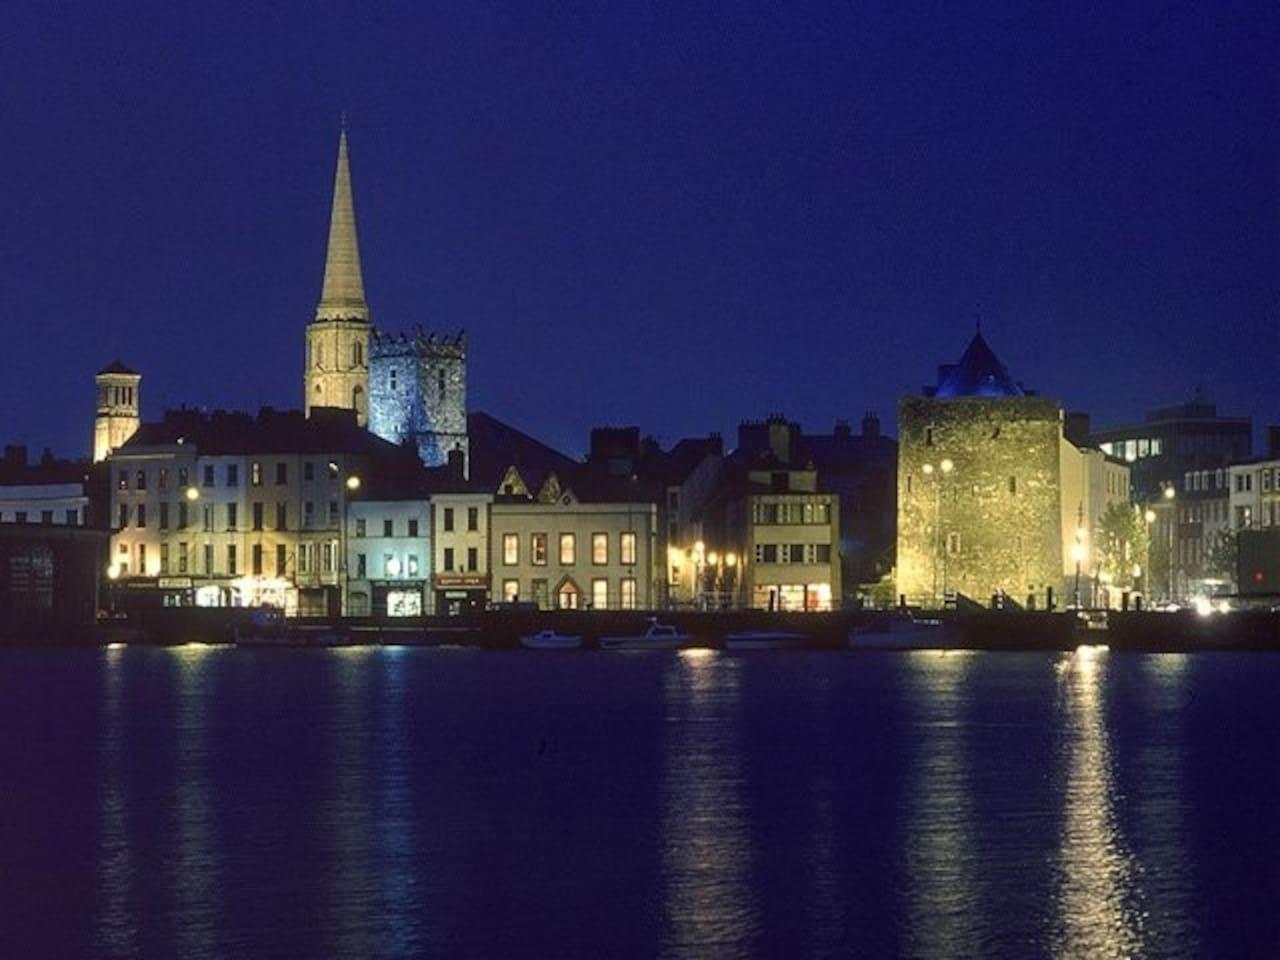 Beautiful city by night